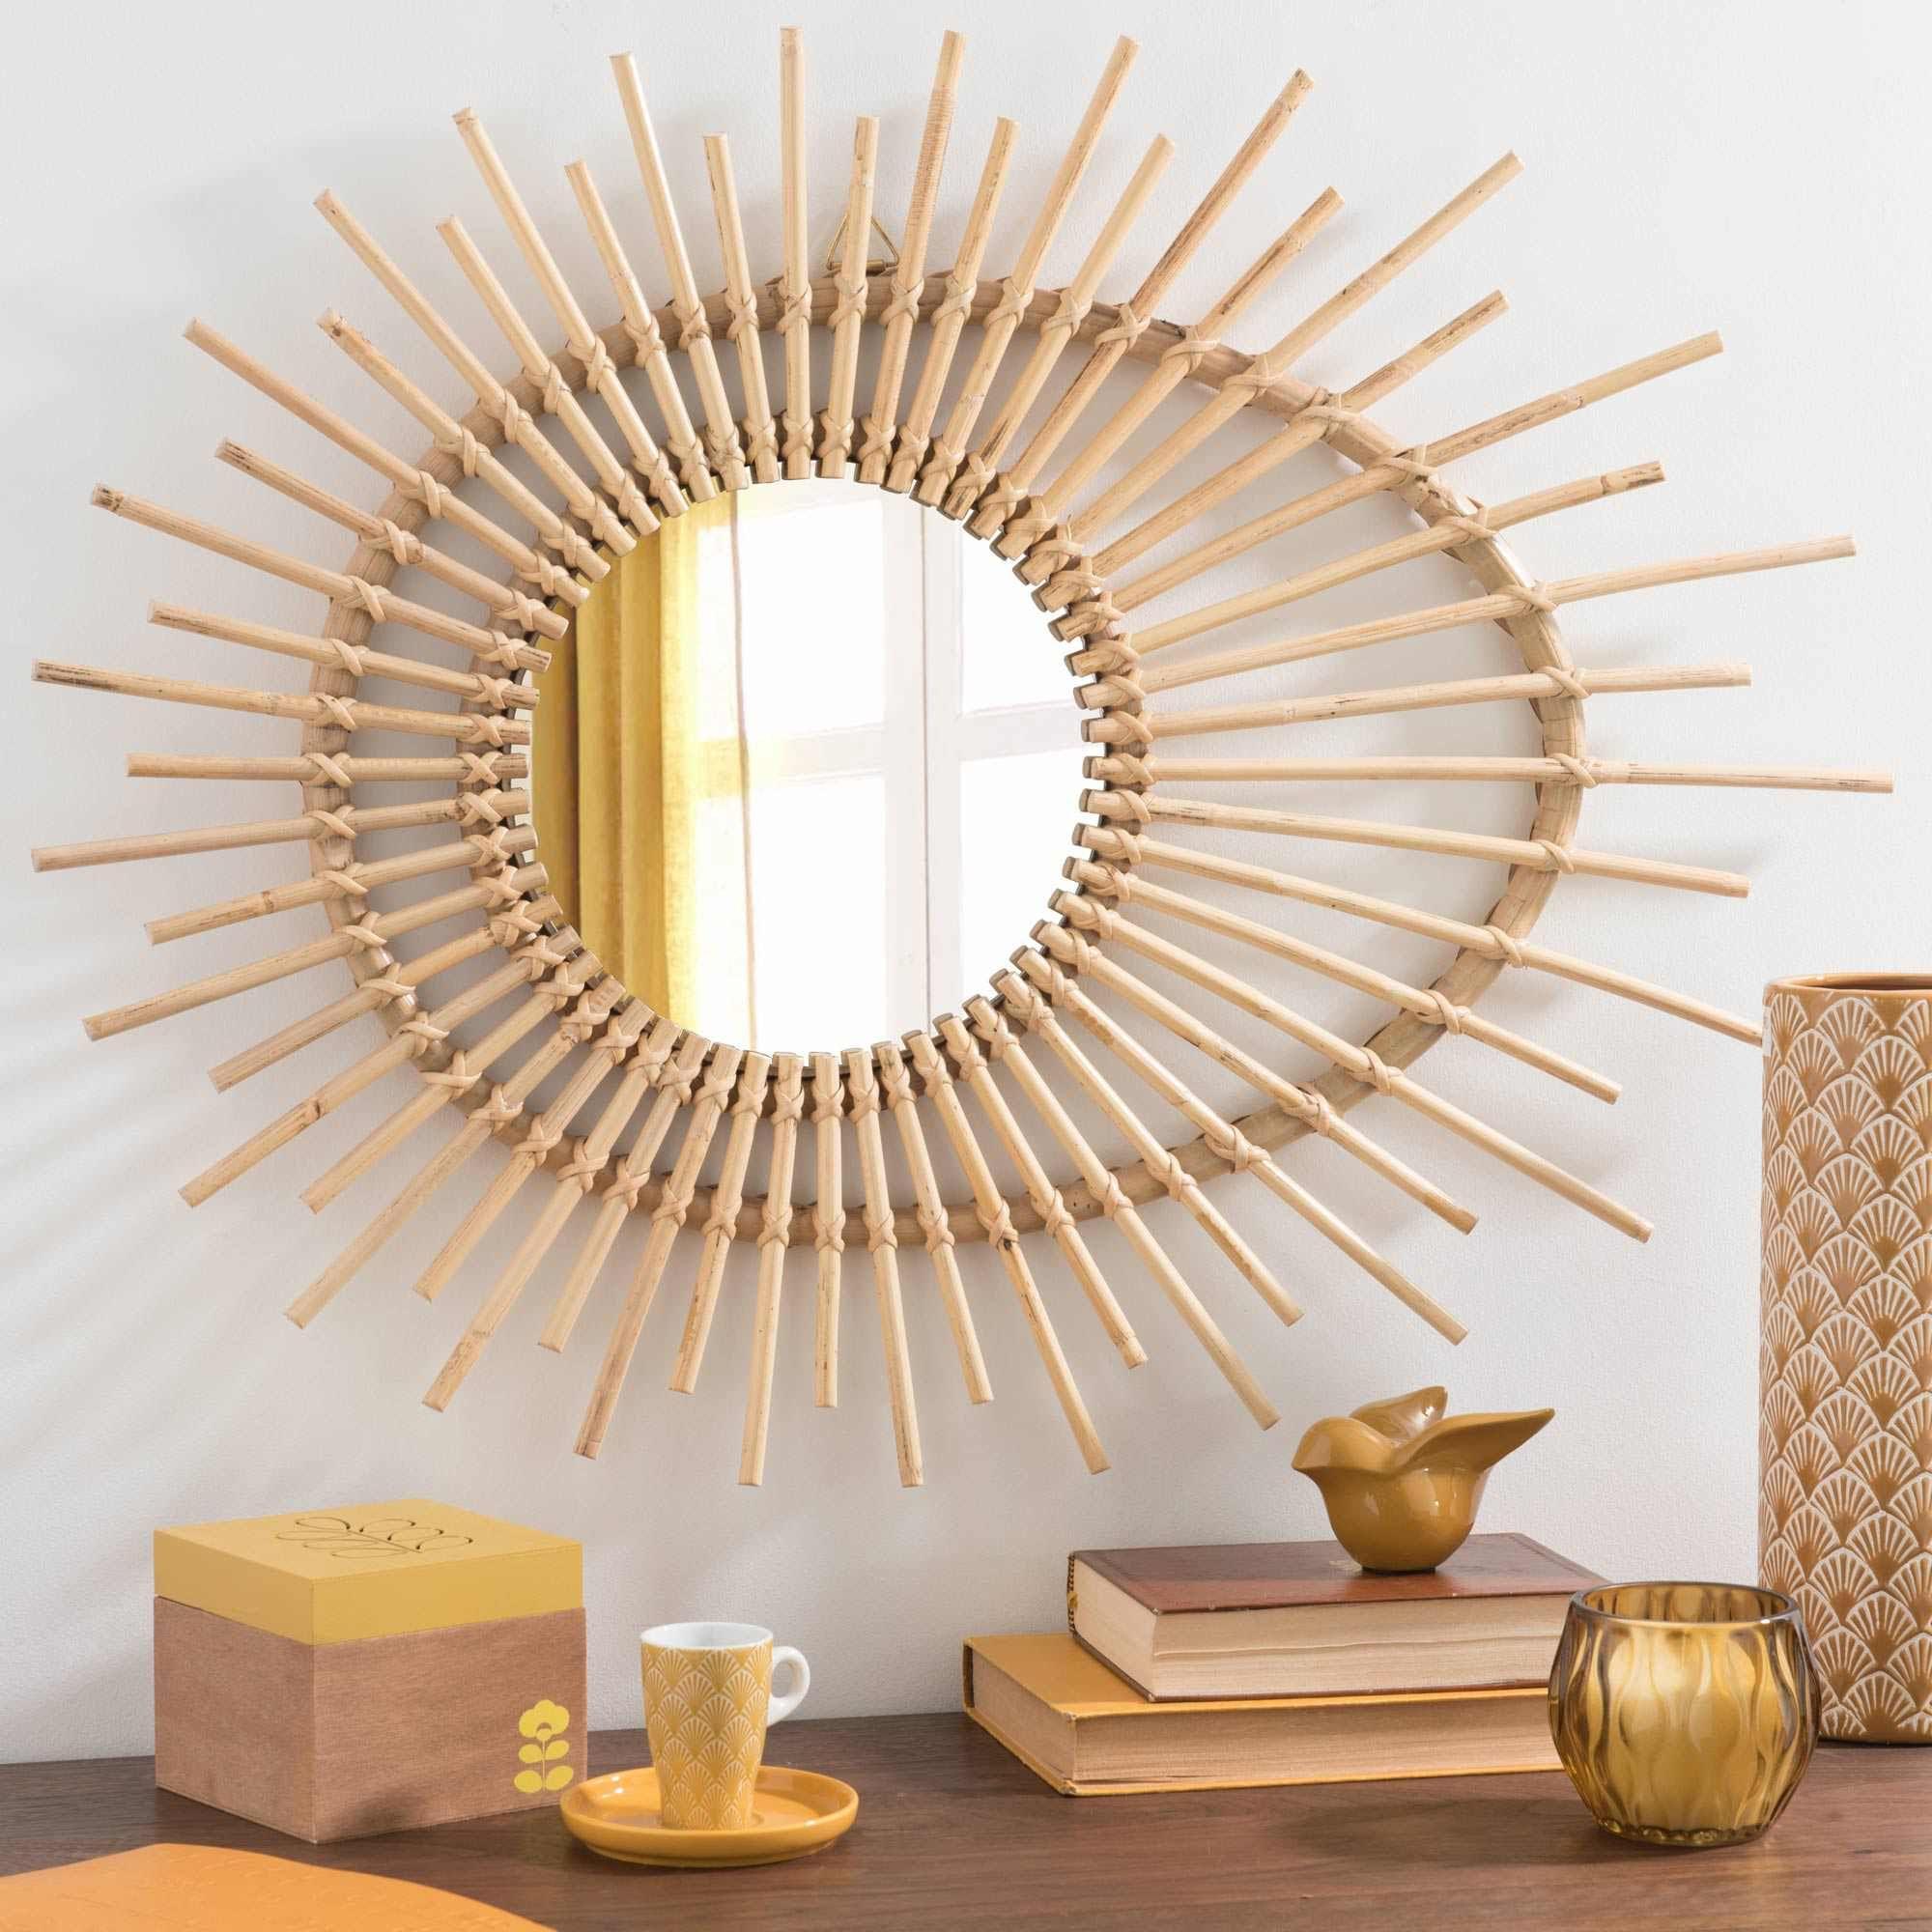 Espejo de mimbre h 58 cm linares mirrors pinterest espejos mimbre y espejos decorativos - Espejos de mimbre ...